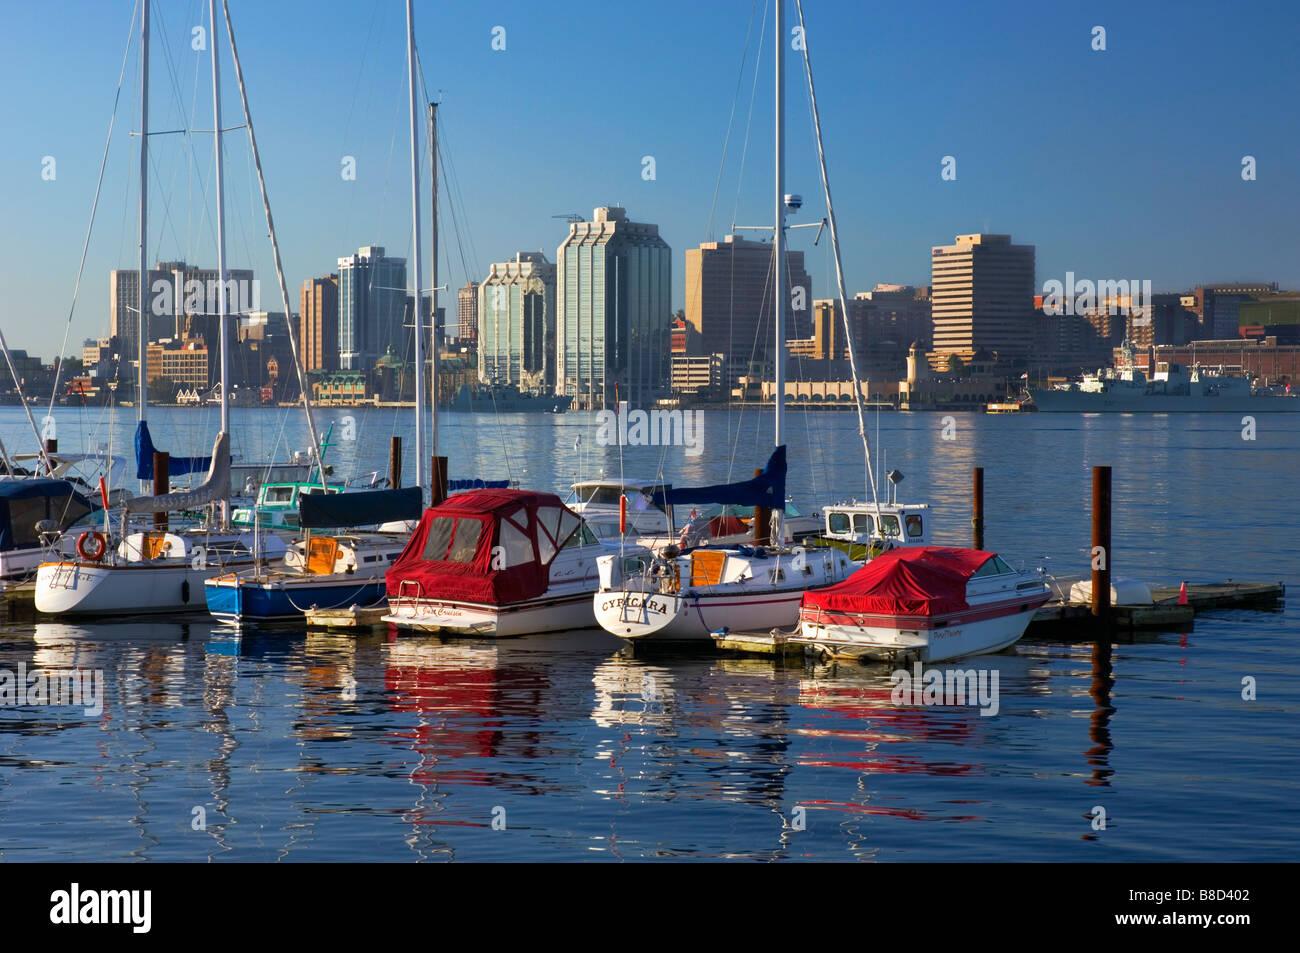 Marina Boats Early Morning, Halifax, Nova Scotia - Stock Image